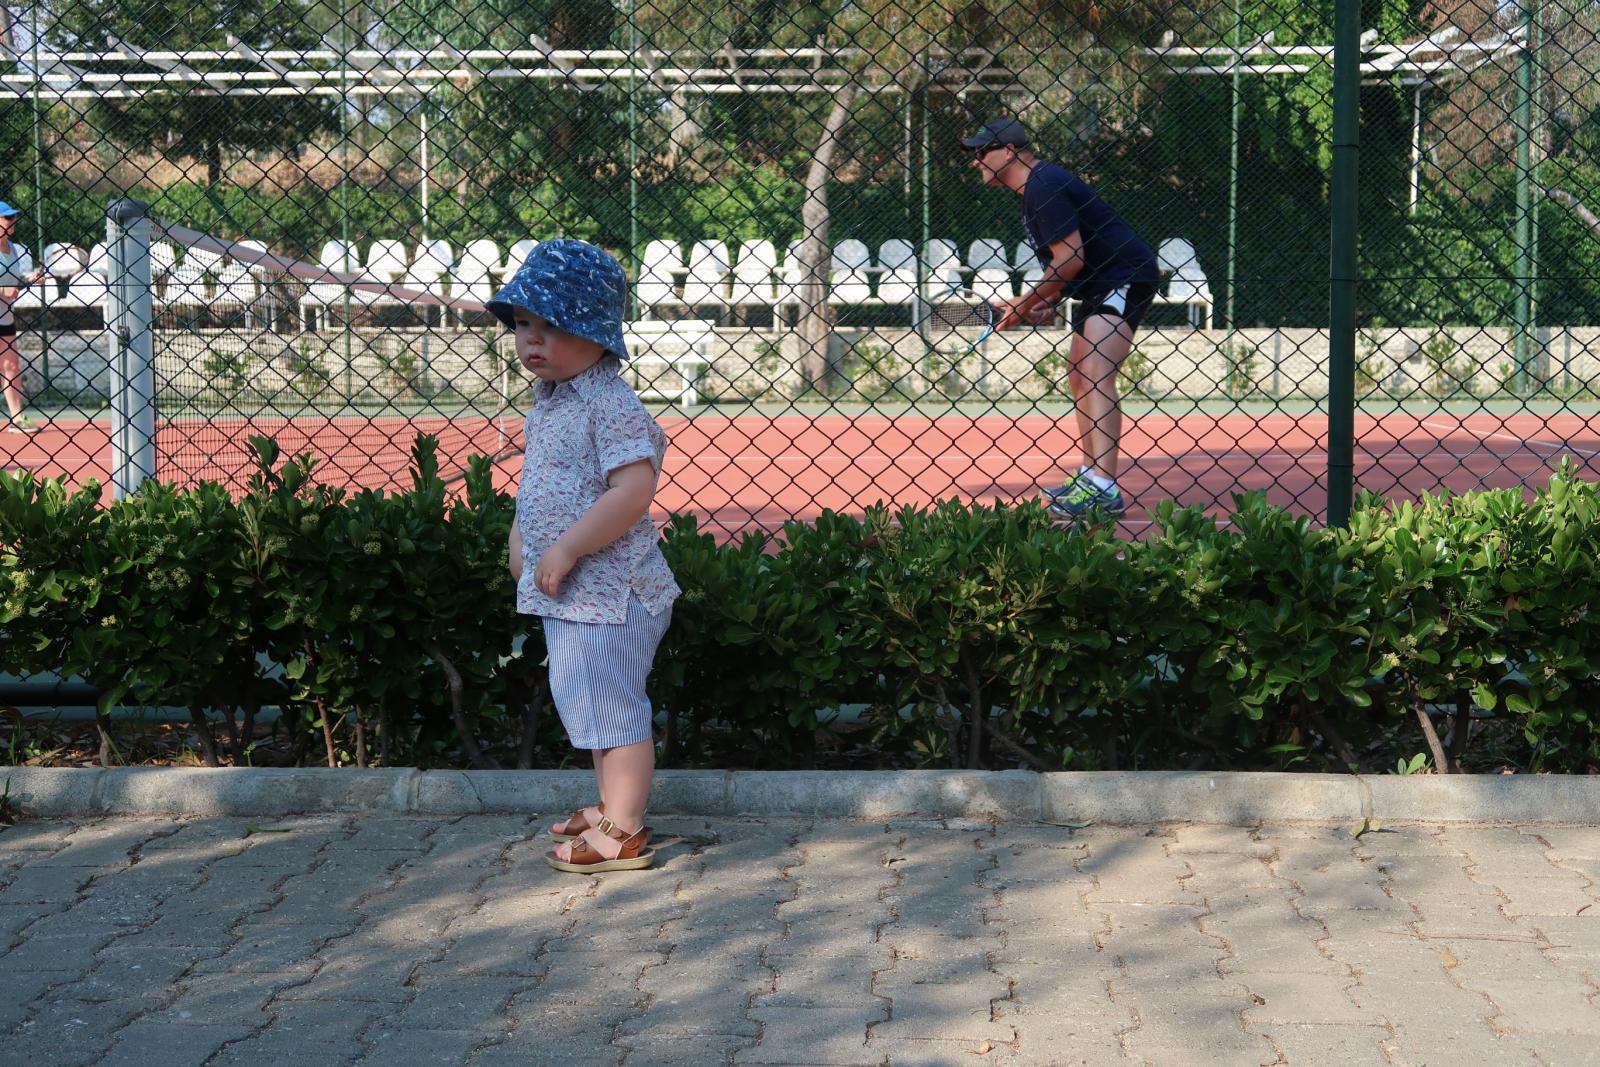 Mark Warner social tennis